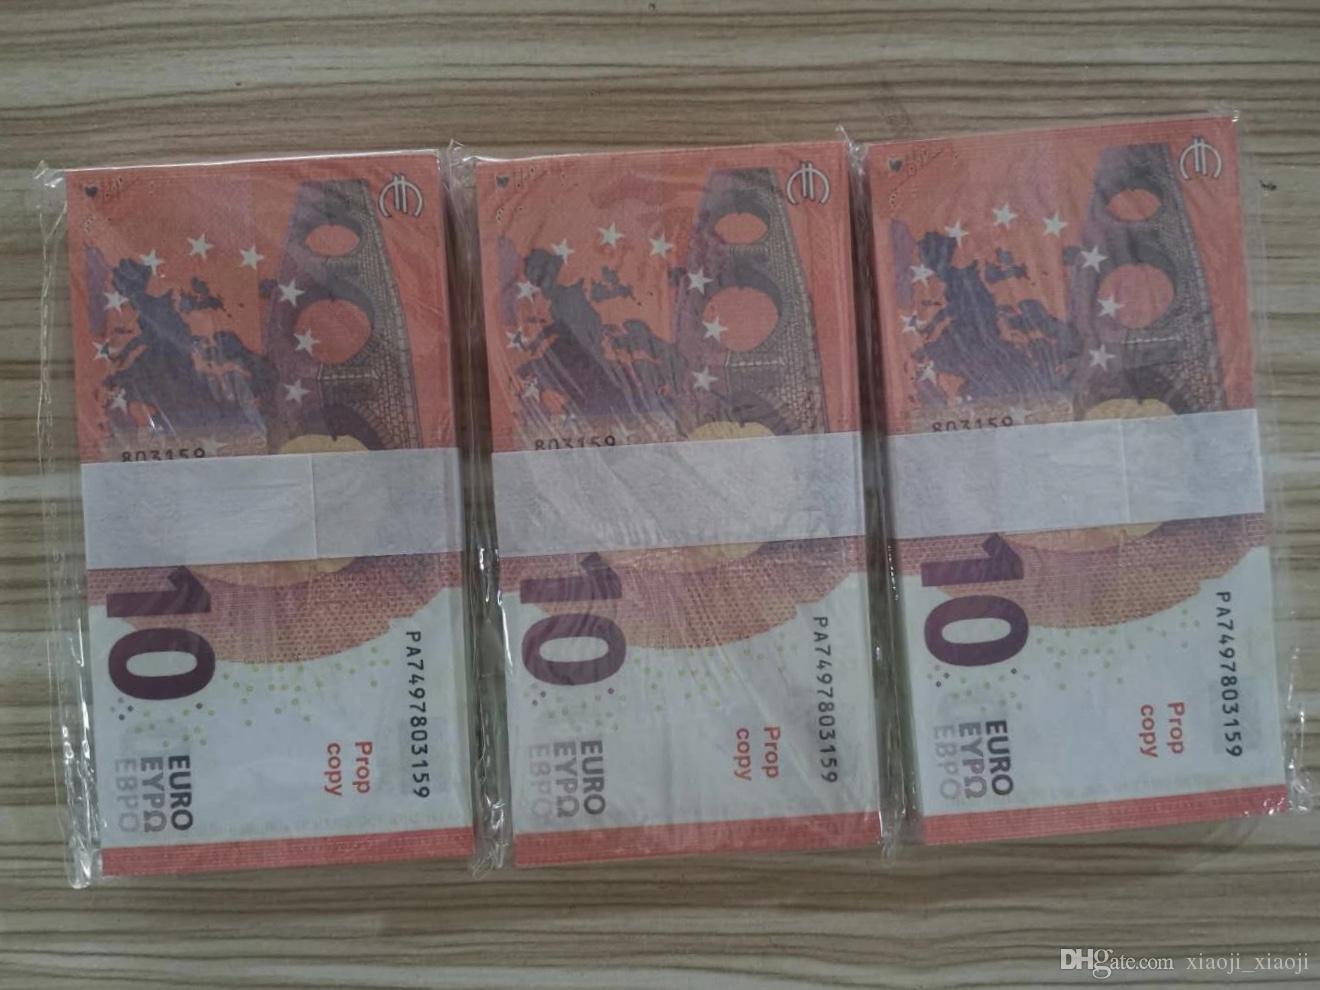 € Поддельные деньги Banknotes Prop Paper Paper Fake Note Мужчины 10 Bank Euro Collection856 Деньги для законопроектов Цены Бизнес Деньги для подарков AHGDP